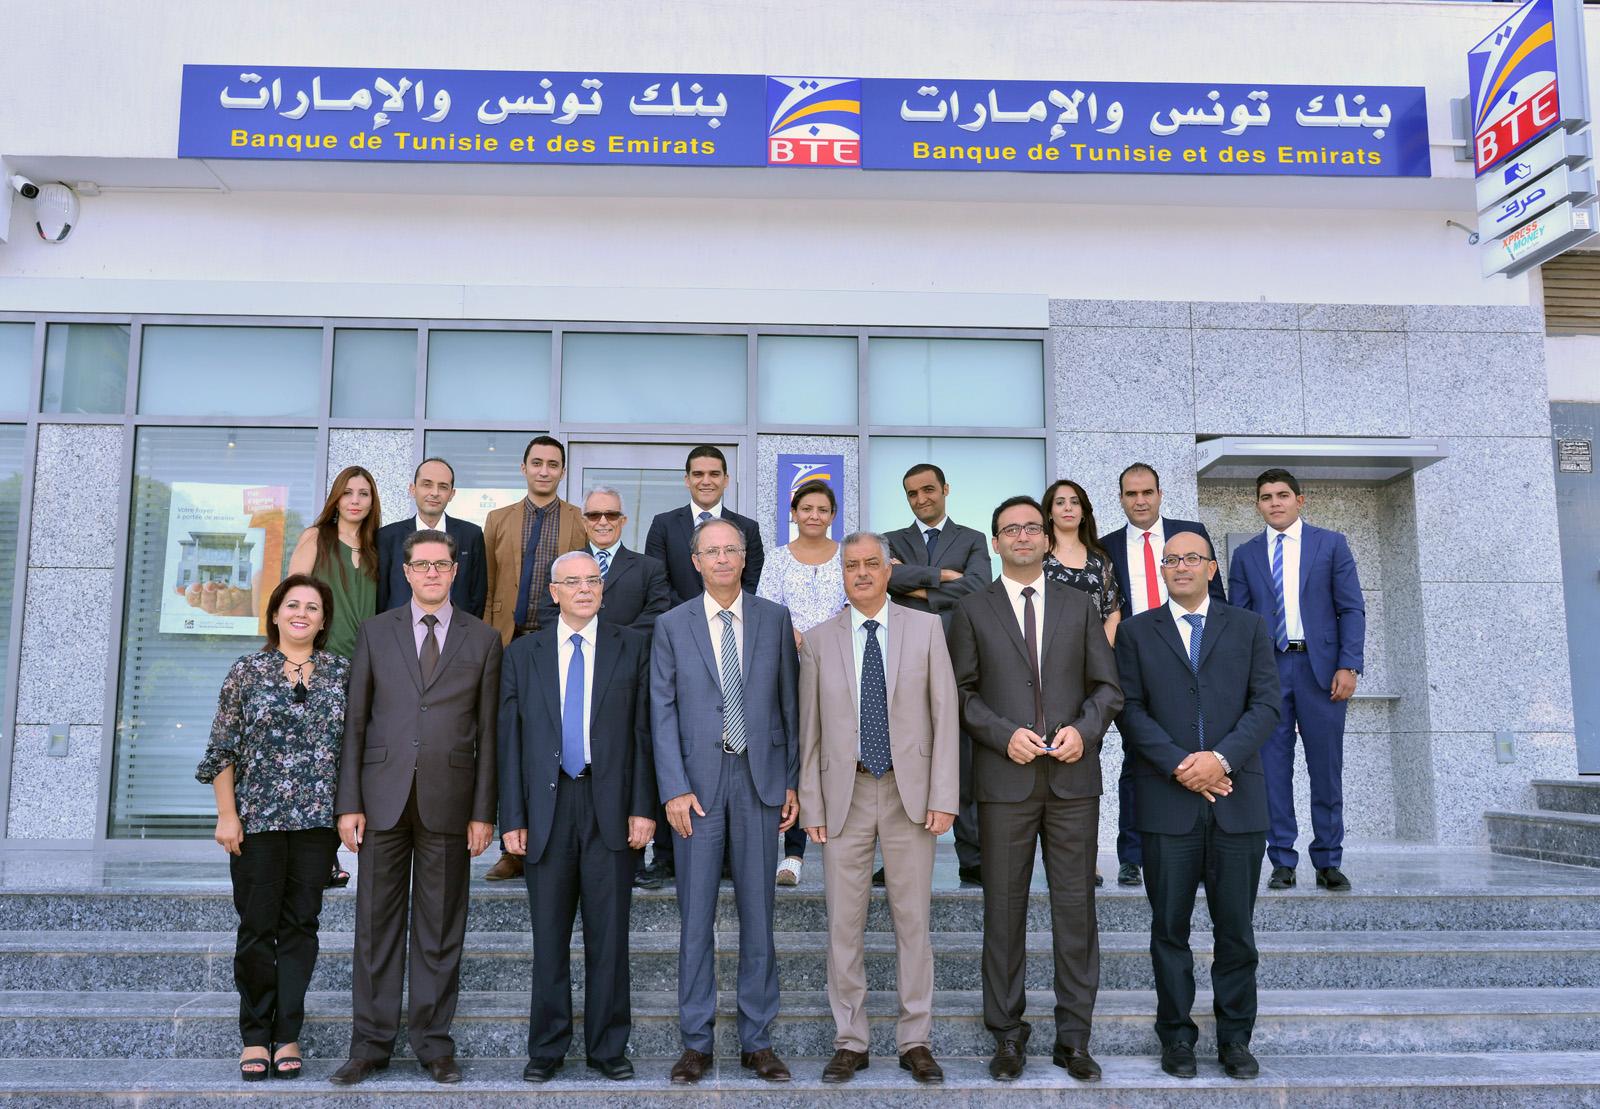 ملف بنك تونس والإمارات على طاولة رئاسة الحكومة